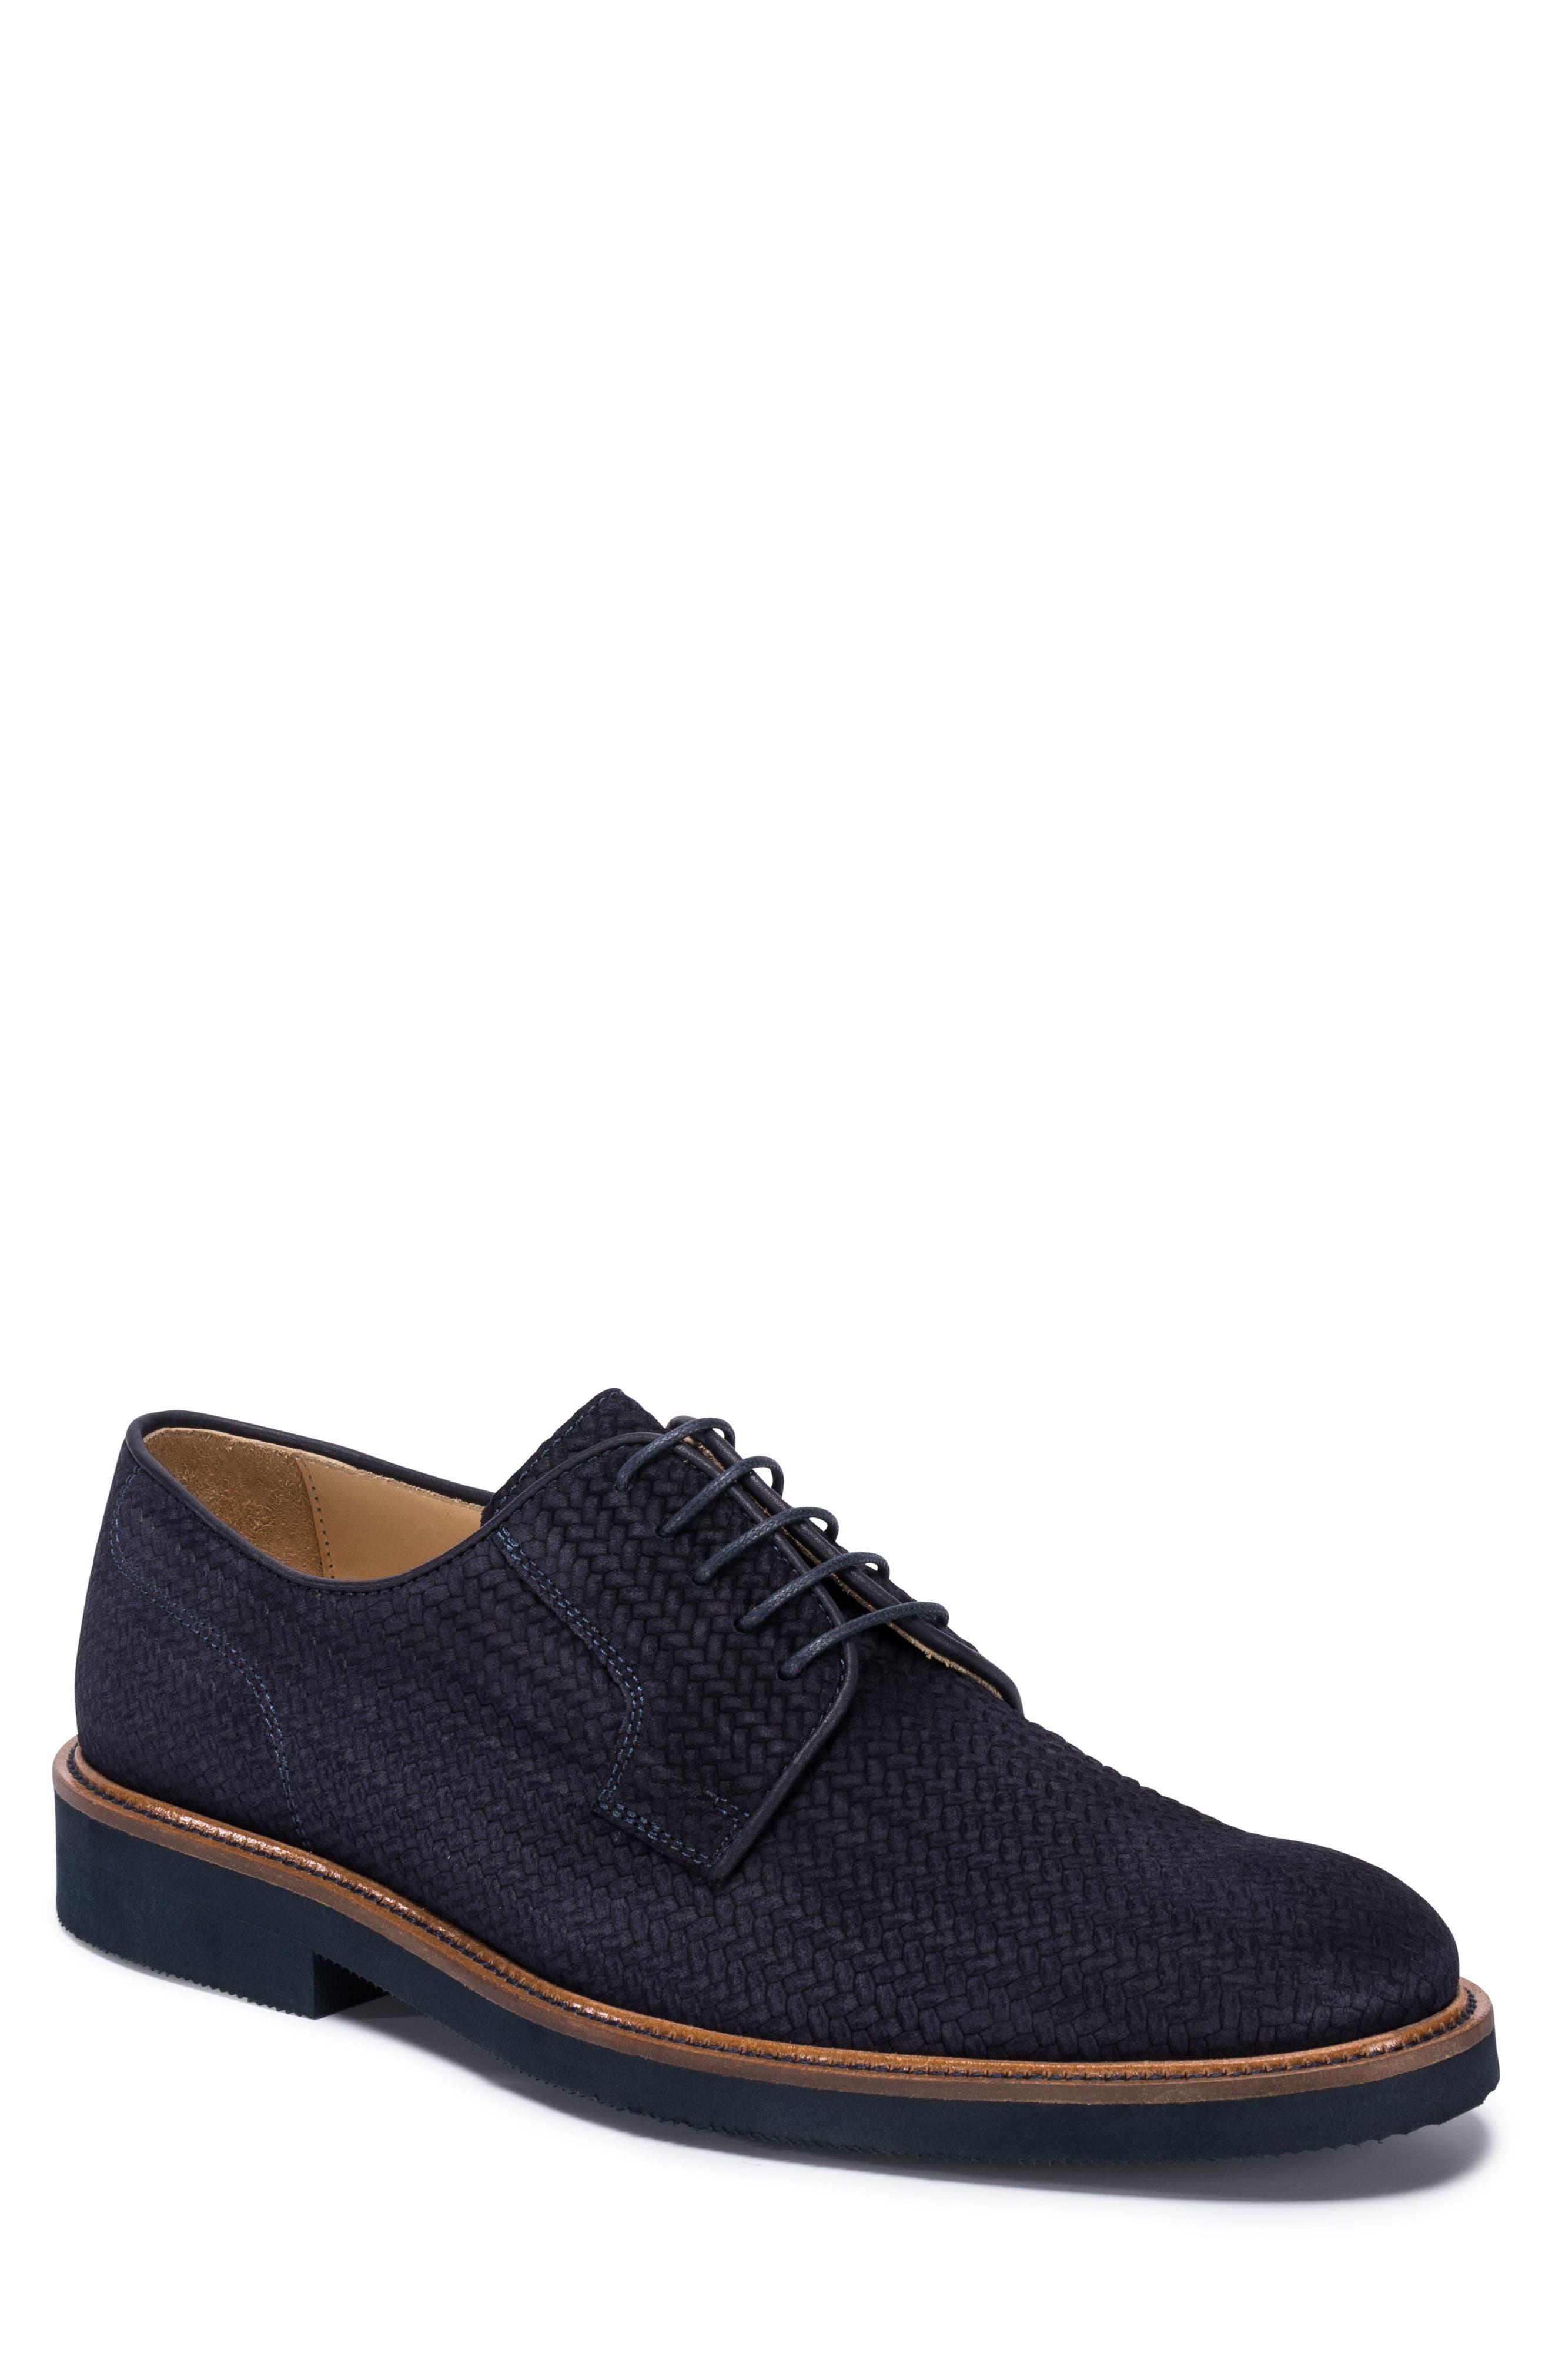 Woven Plain Toe Derby,                         Main,                         color, Blue Suede